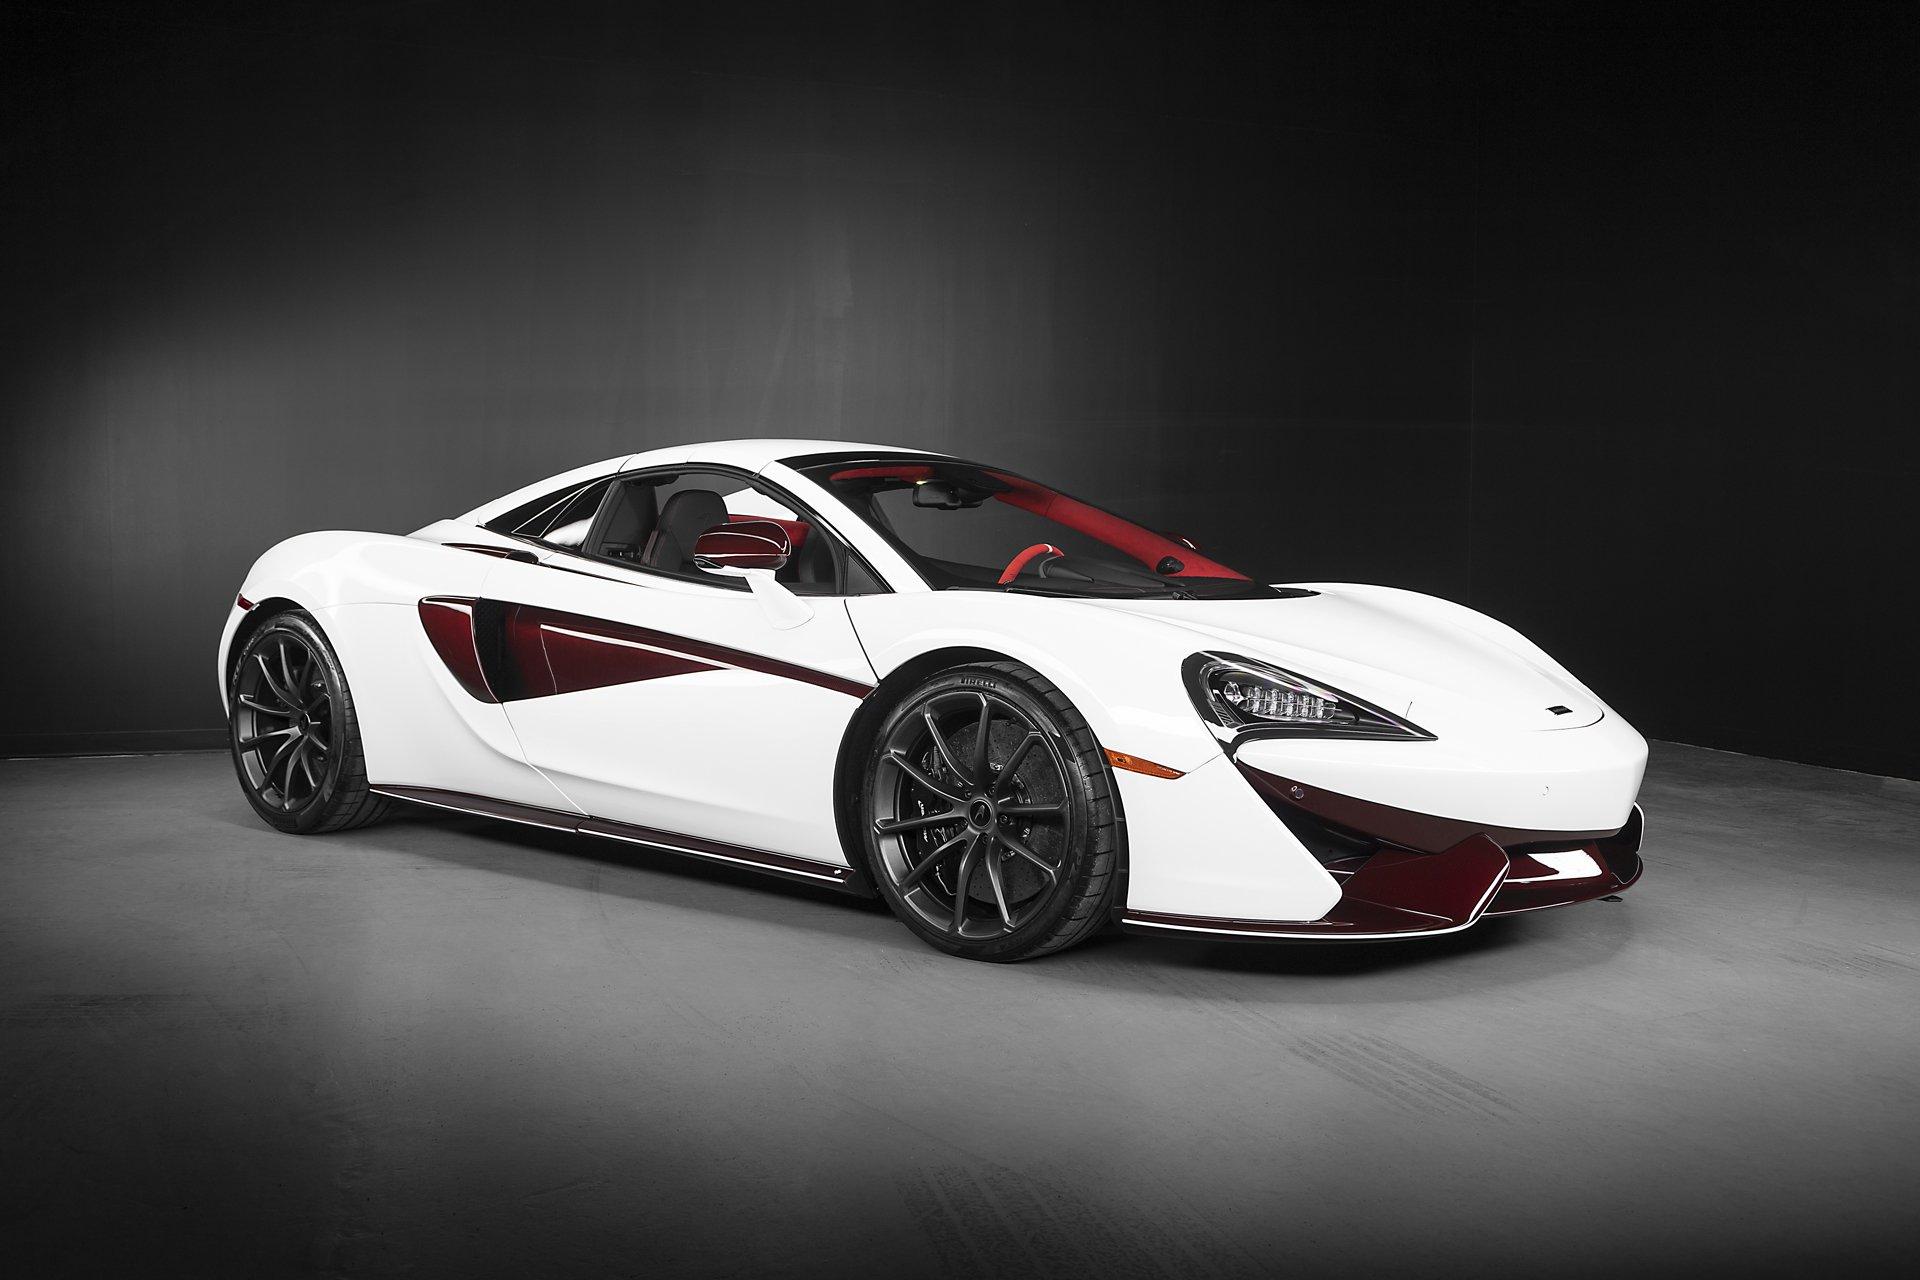 McLaren 570S Spider Canada Commission